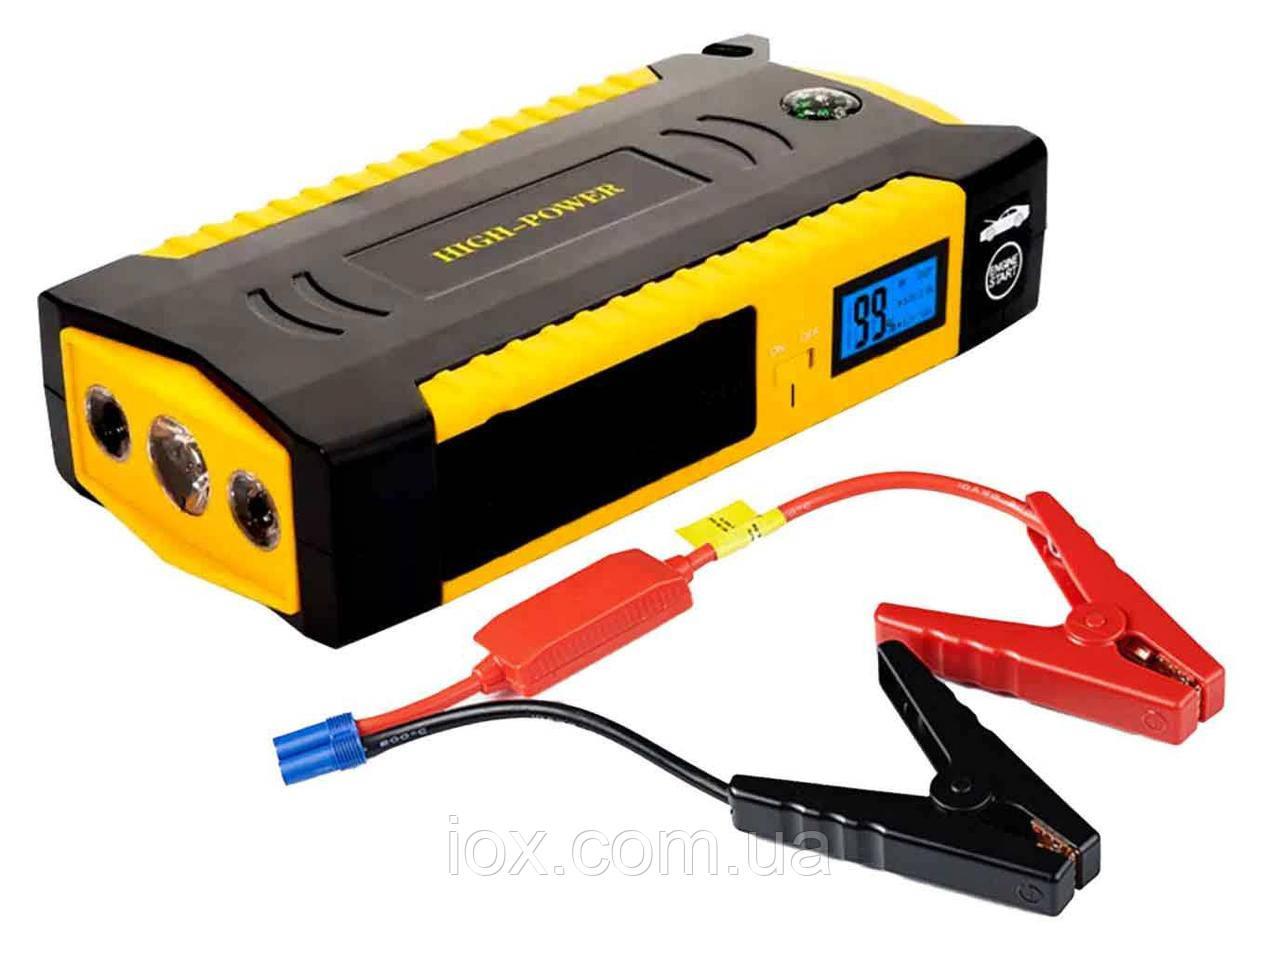 Пусковое зарядноe устройство L049 Jump starter для авто 69800mAh